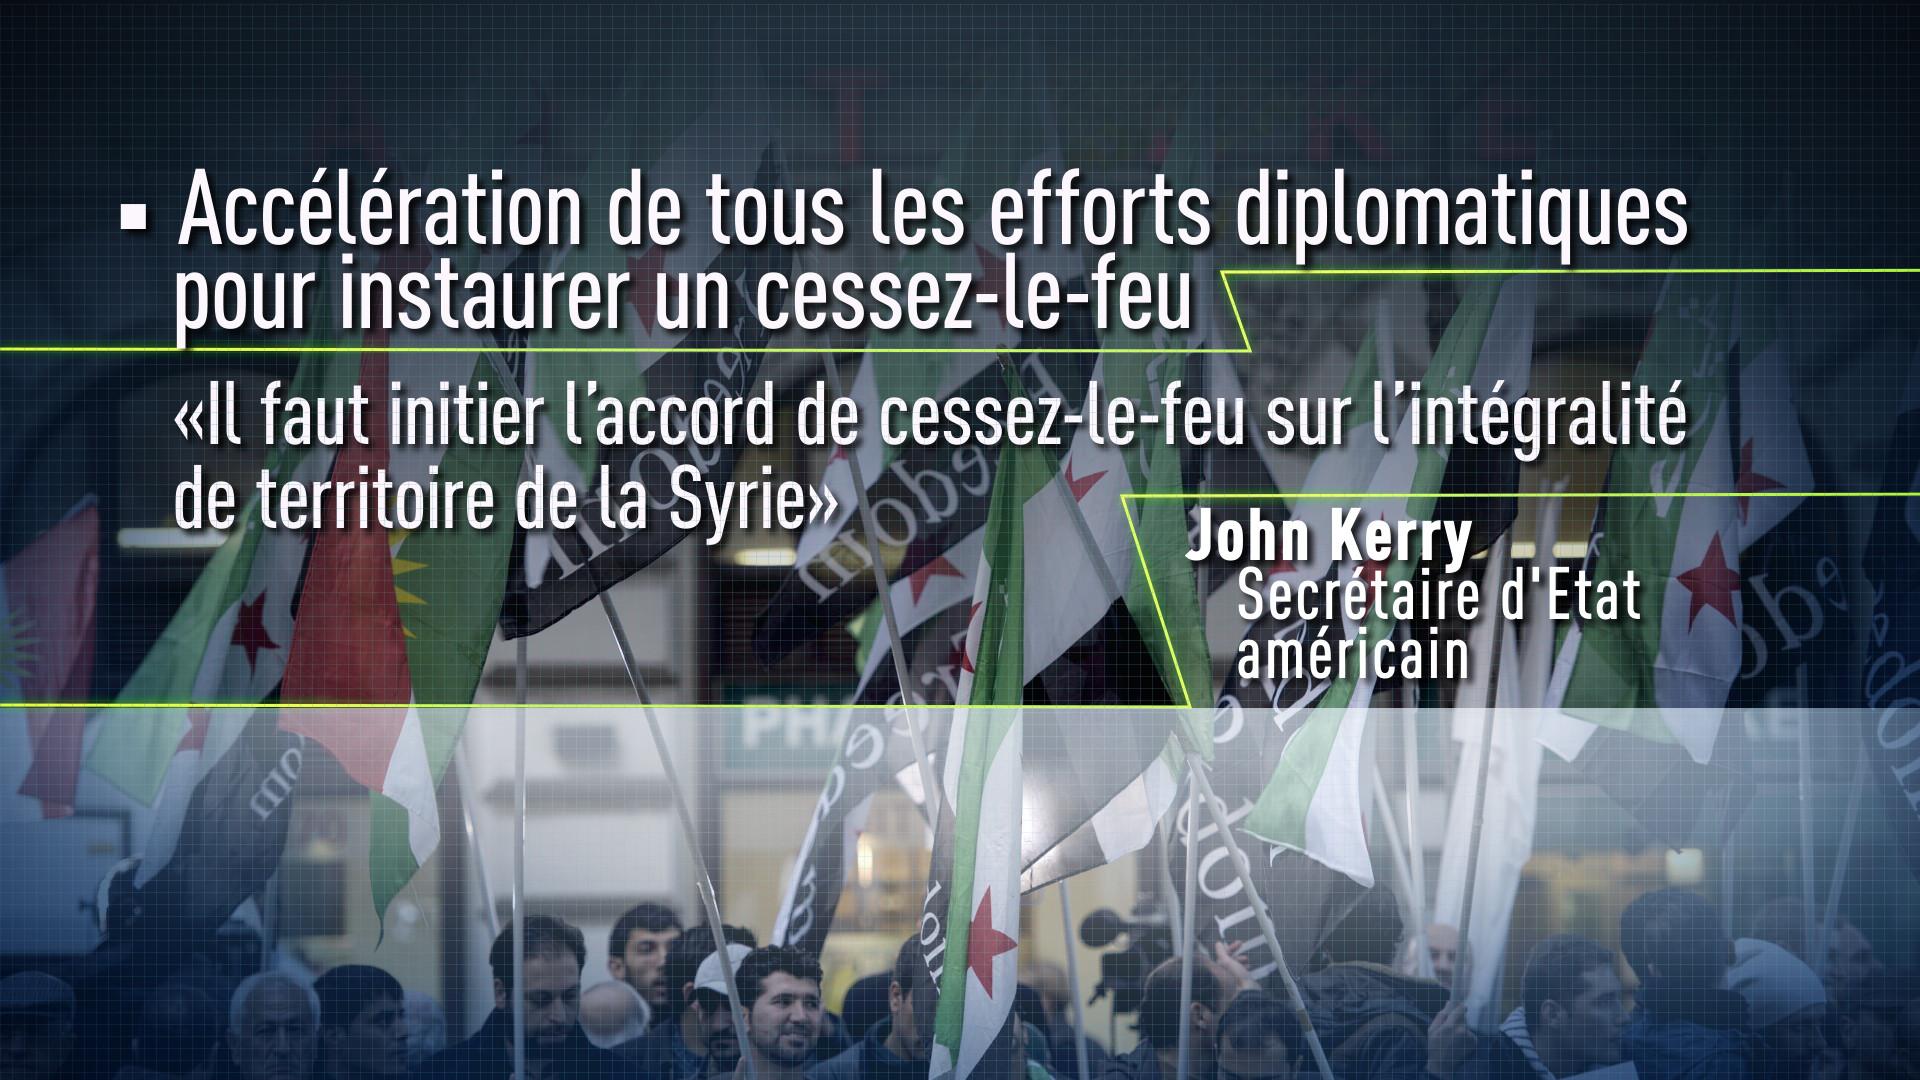 Accélération de tous les efforts diplomatiques pour instaurer un cessez-le-feu